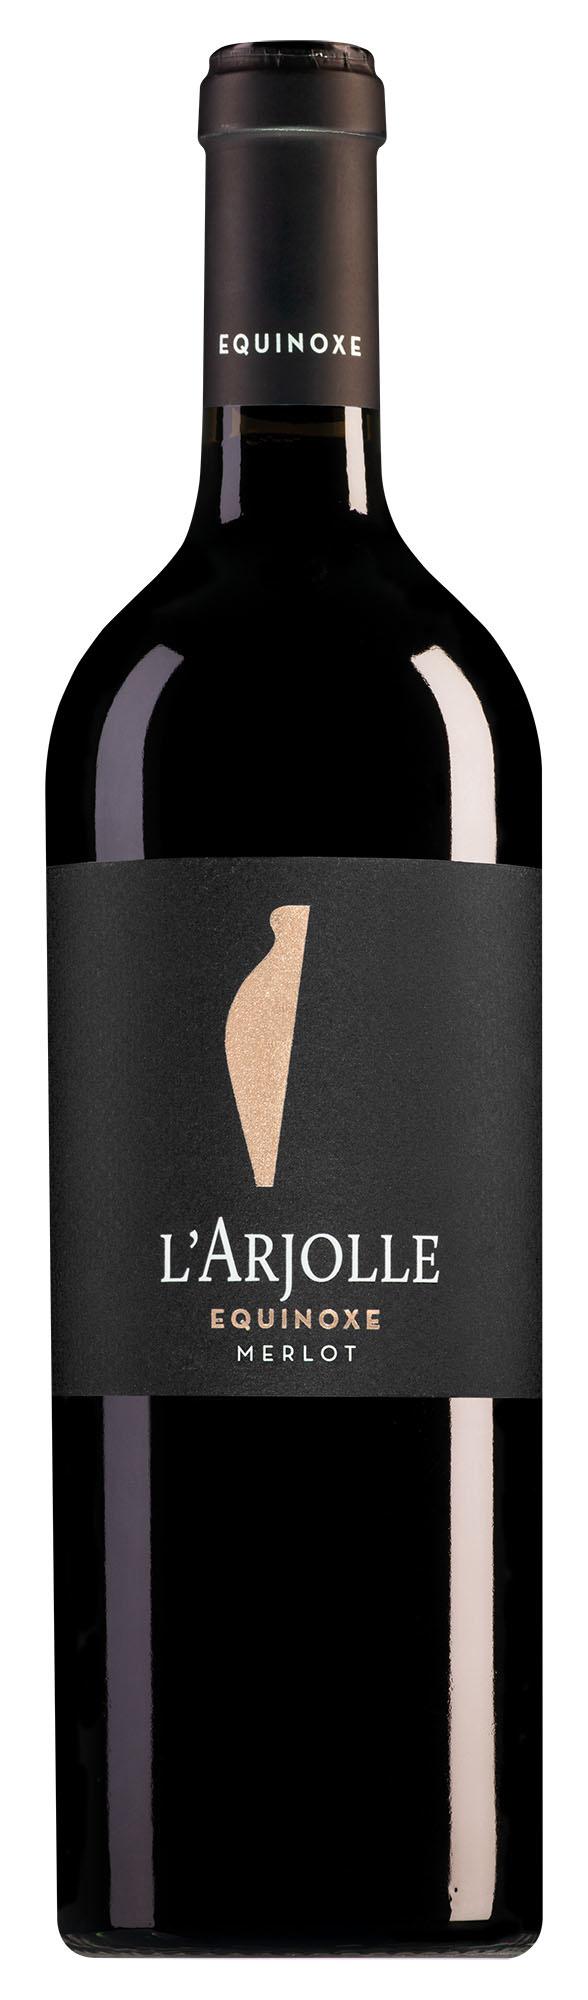 Domaine de l'Arjolle Côtes de Thongue Equinoxe Merlot 2019